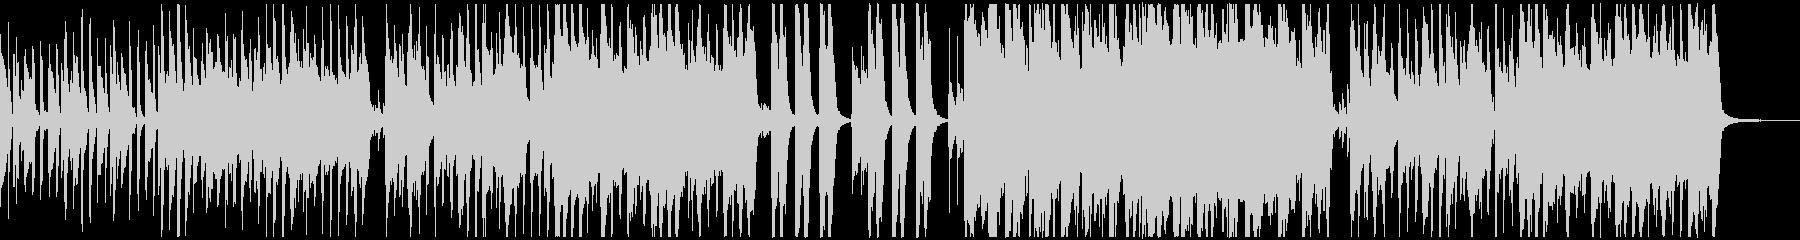 ほのぼの軽快なピアノのワルツの未再生の波形